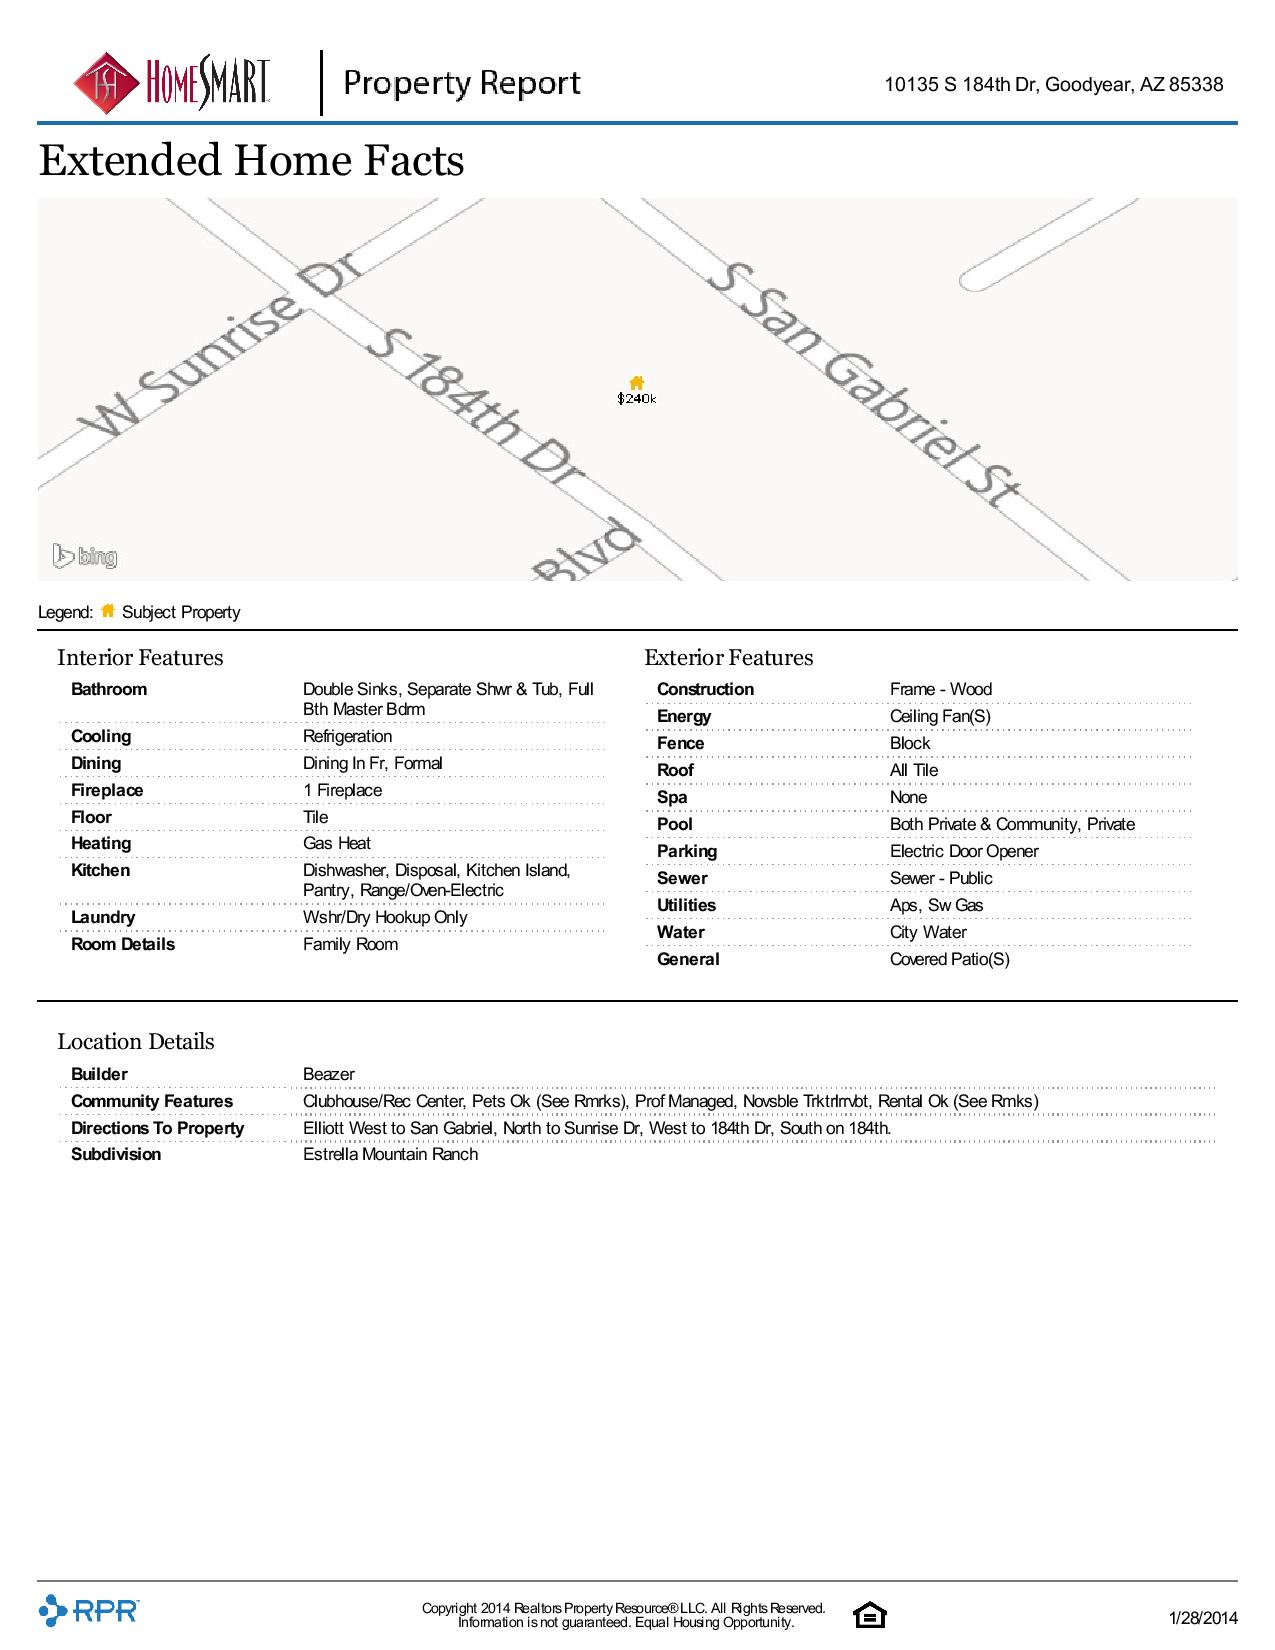 10135-S-184th-Dr-Goodyear-AZ-85338.pdf-page-004